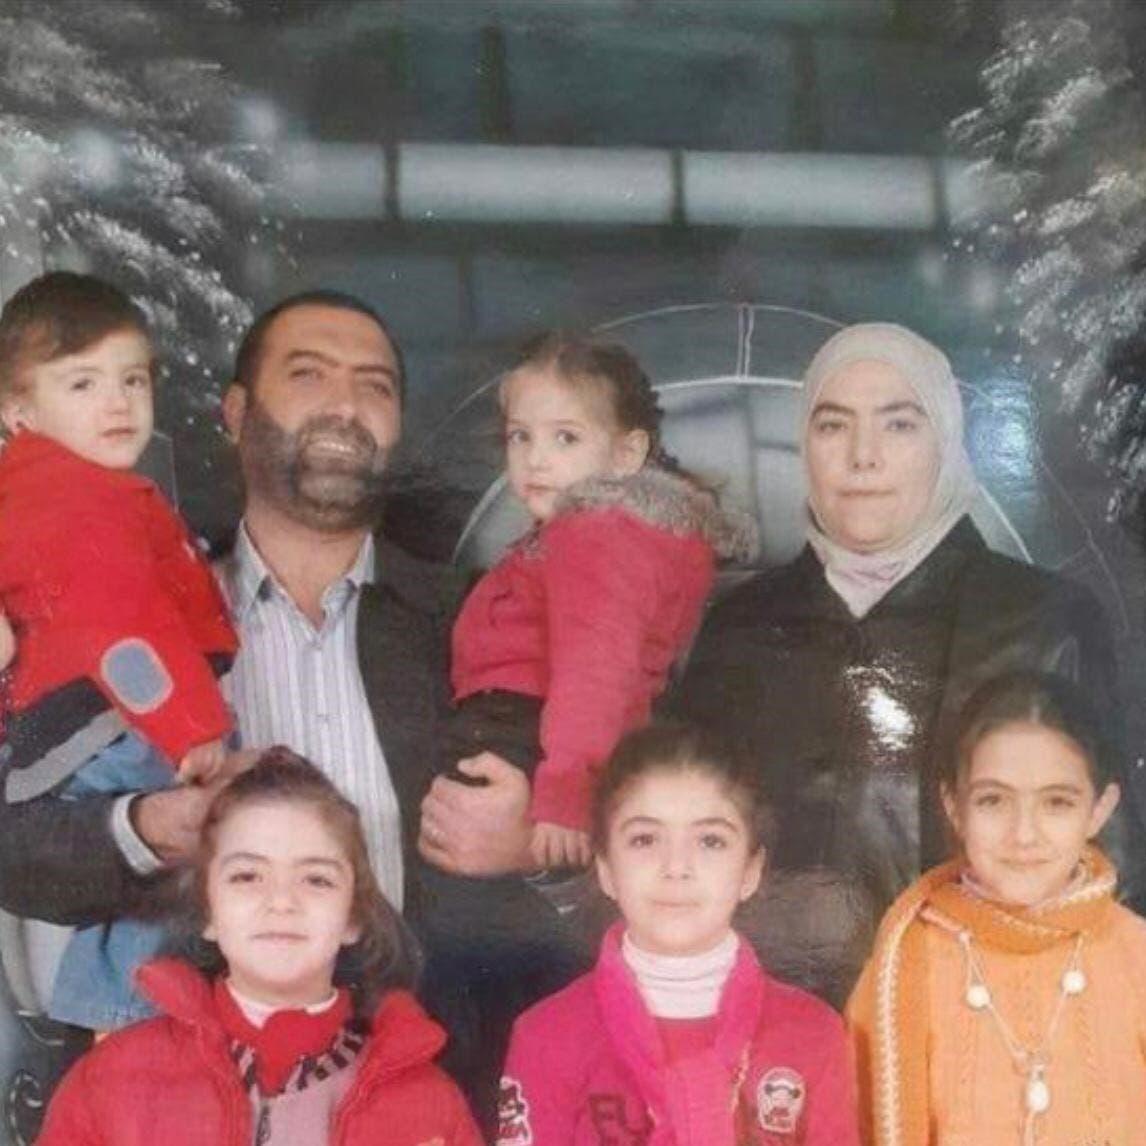 أغرب اعتقال بسجون الأسد.. بطلة الشطرنج وأطفالها بالسجن!